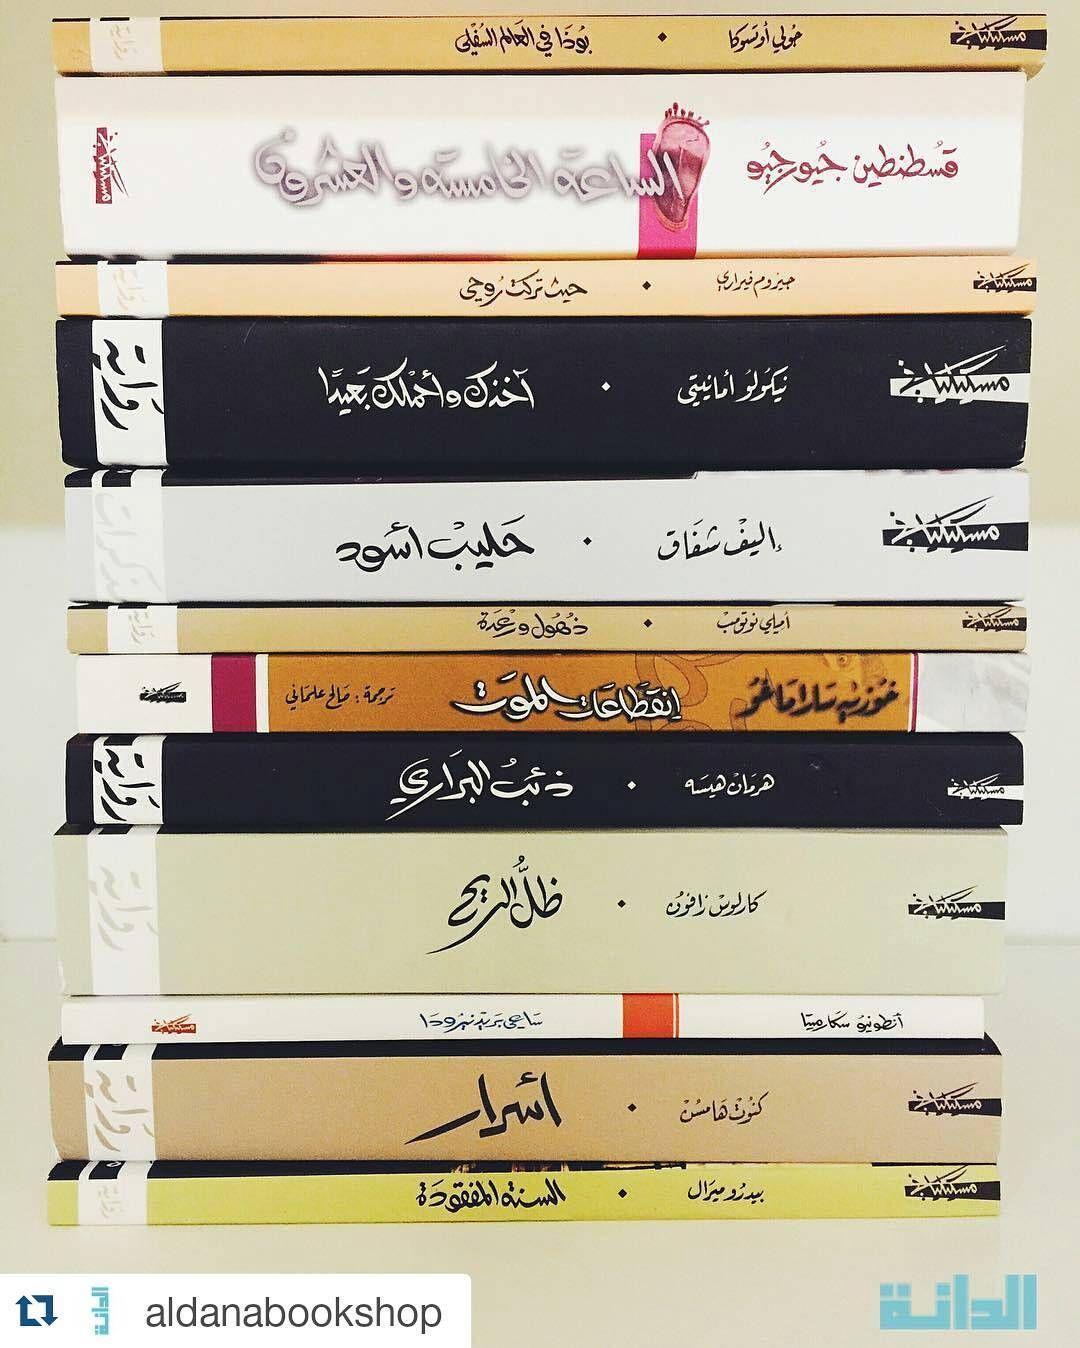 نادي الكتاب خير جليس On Instagram Repost Aldanabookshop تمت إضافة كتب جديدة من دار مسكيلياني دار نشر مميزة في إصداراتها Aldanabooks Com